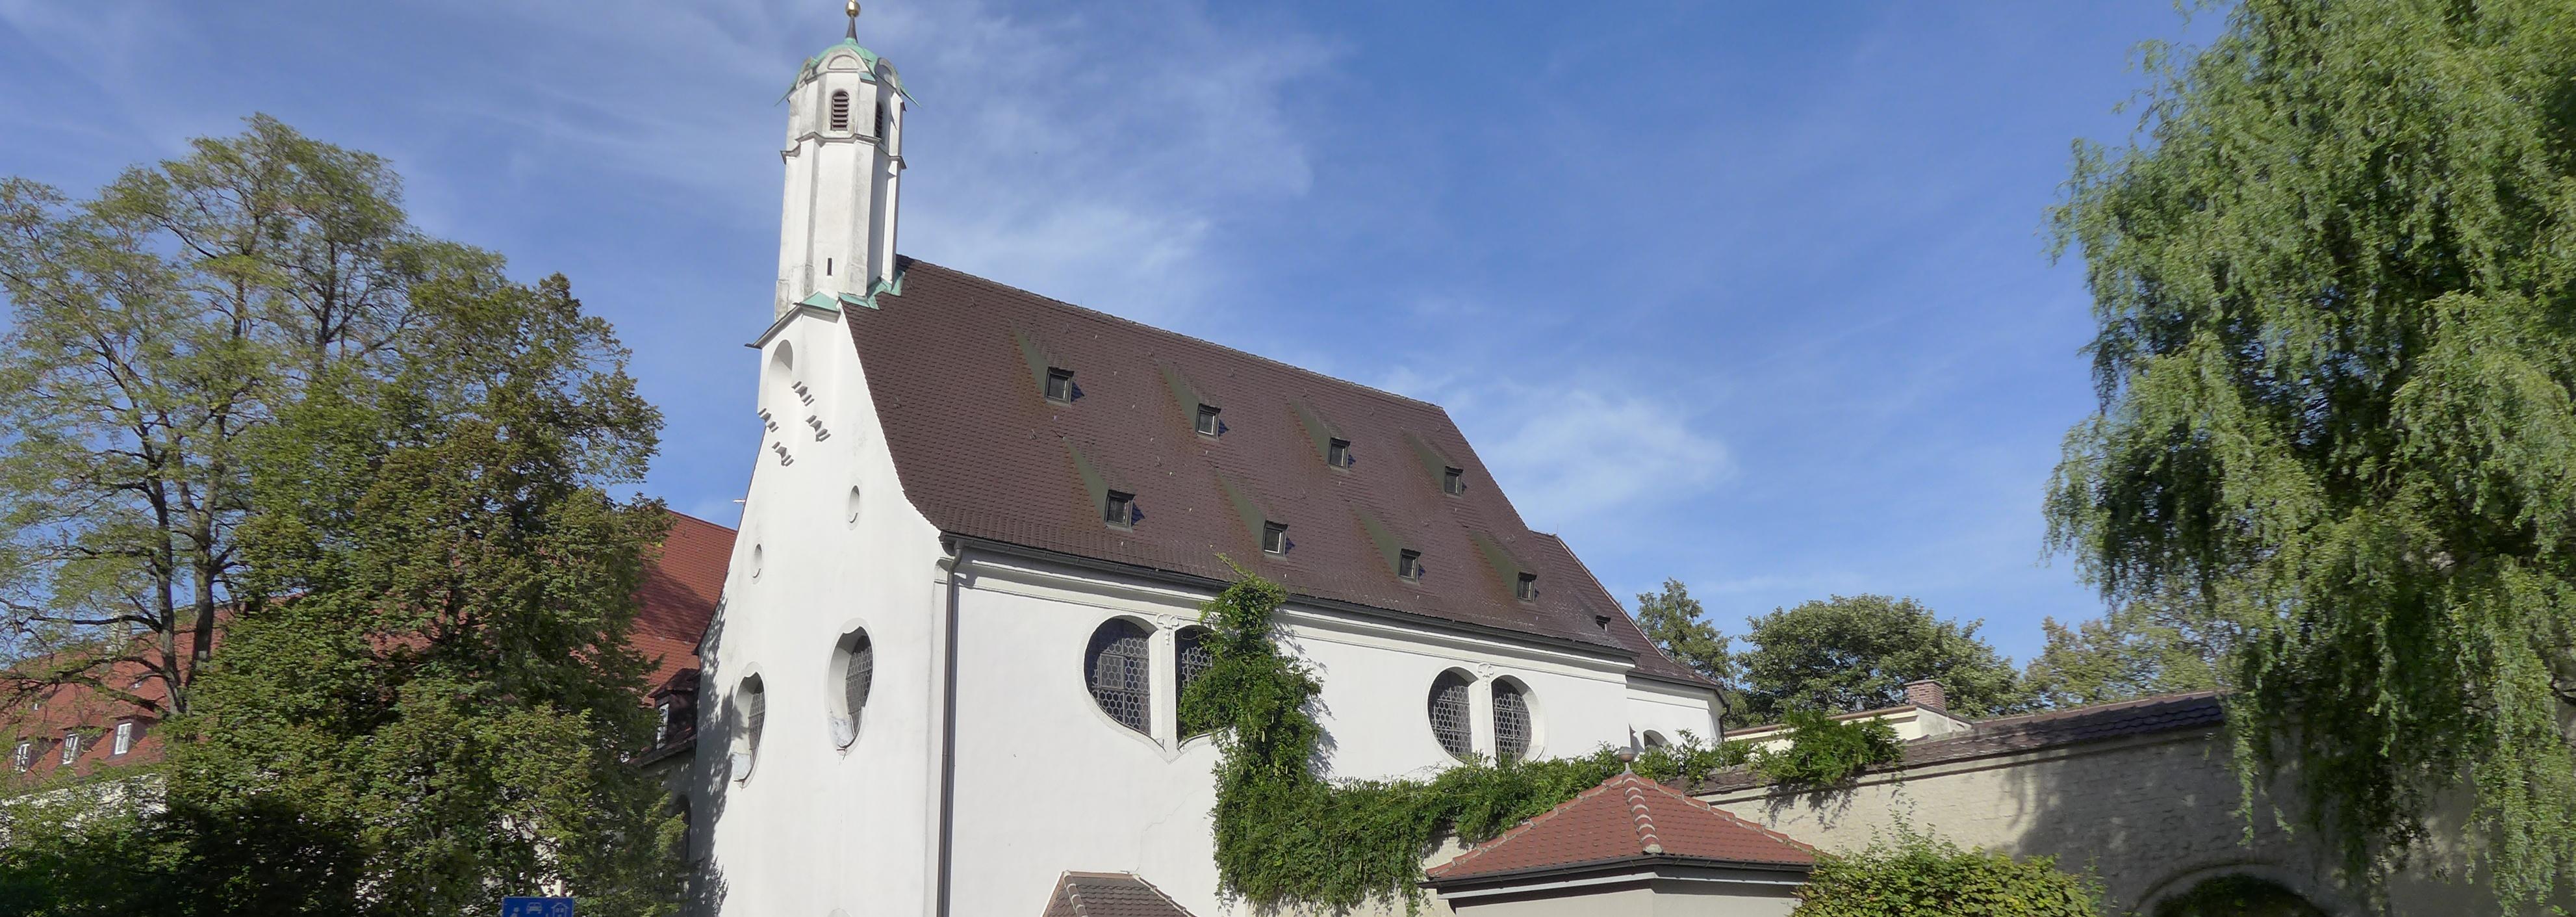 Exkursion mit Eucharistiefeier: St. Ursula